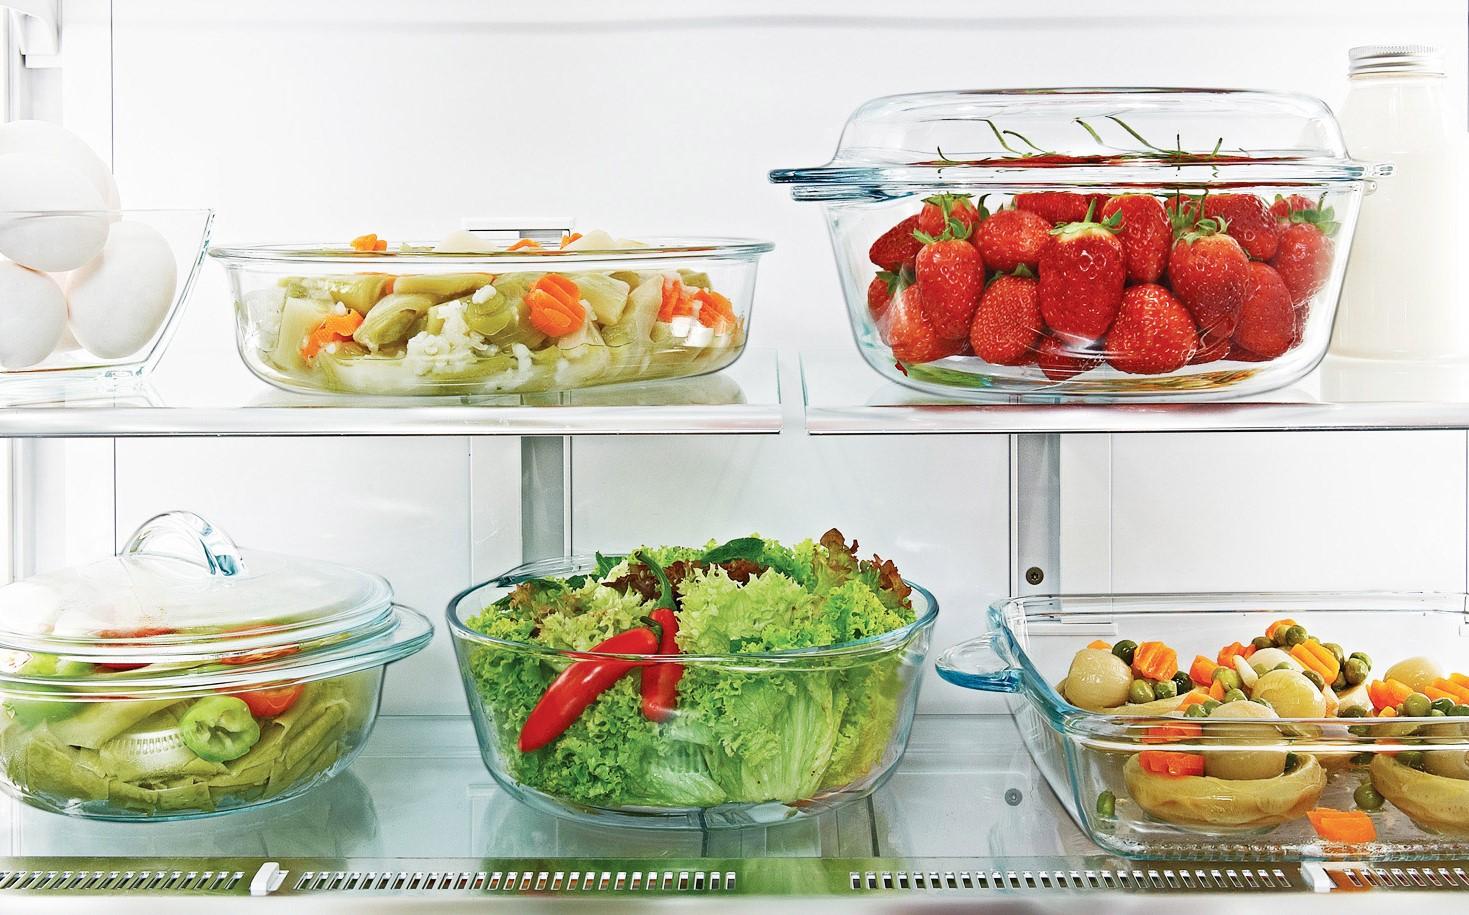 Посуда с едой в холодильнике